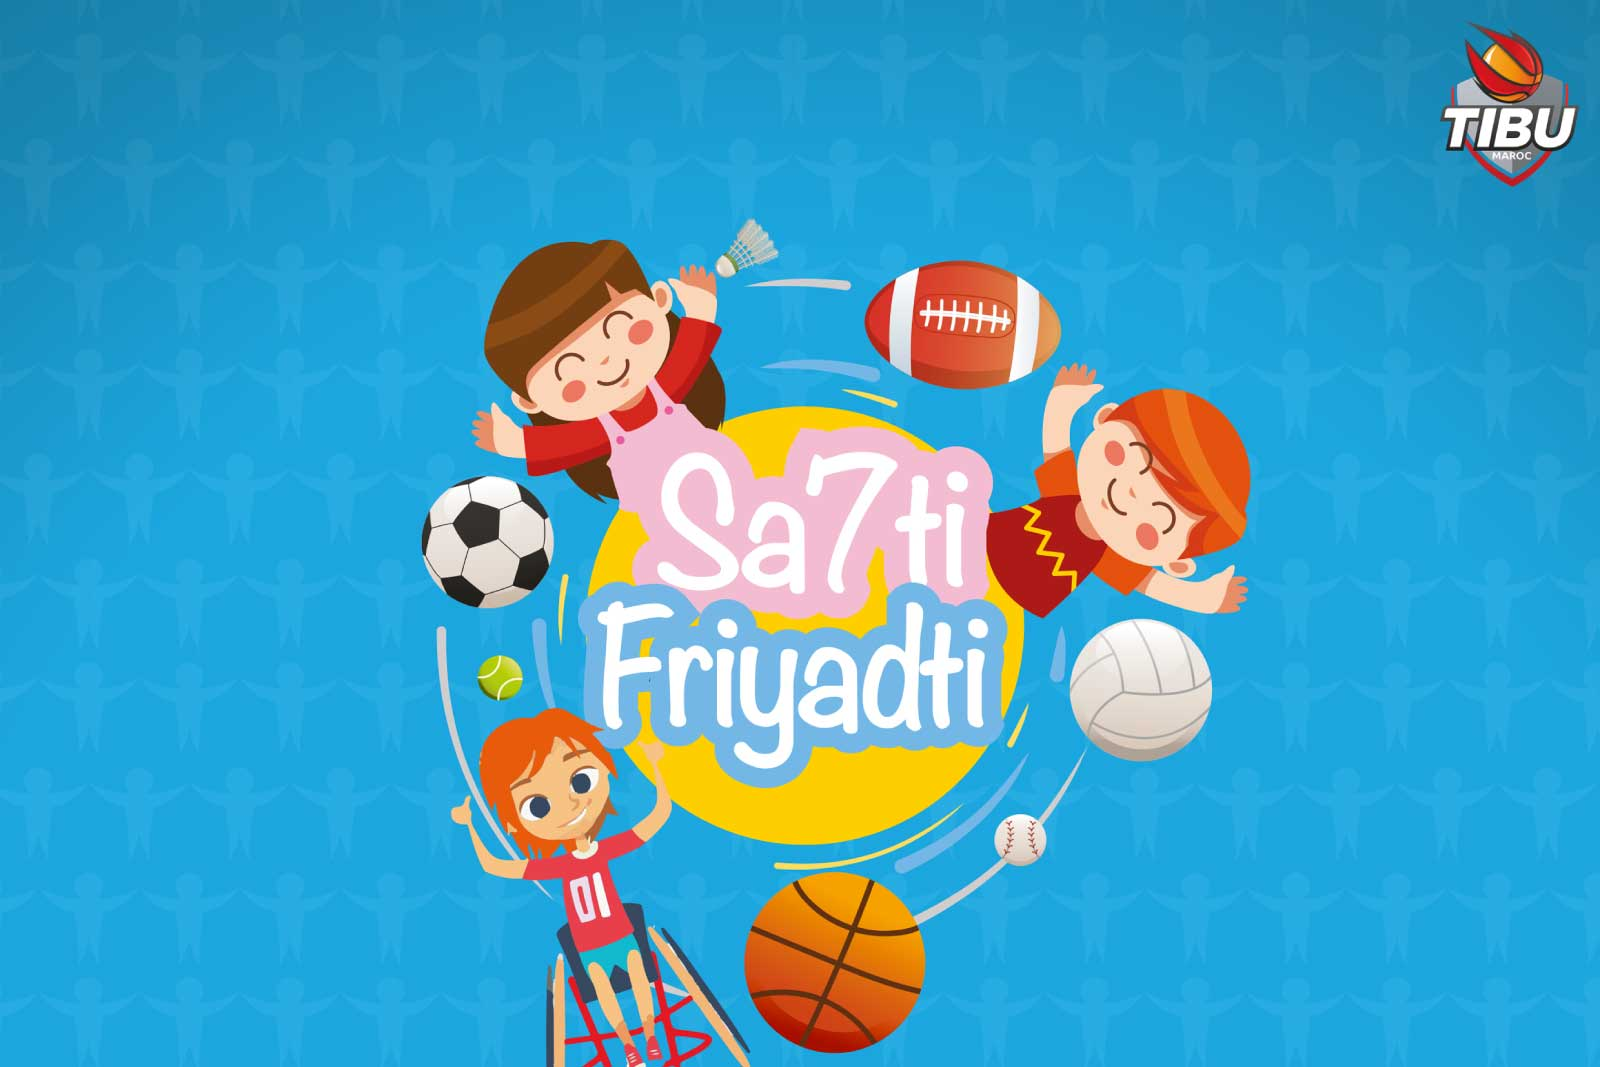 TIBU_Actu_Guide-Sa7ti-friyadti